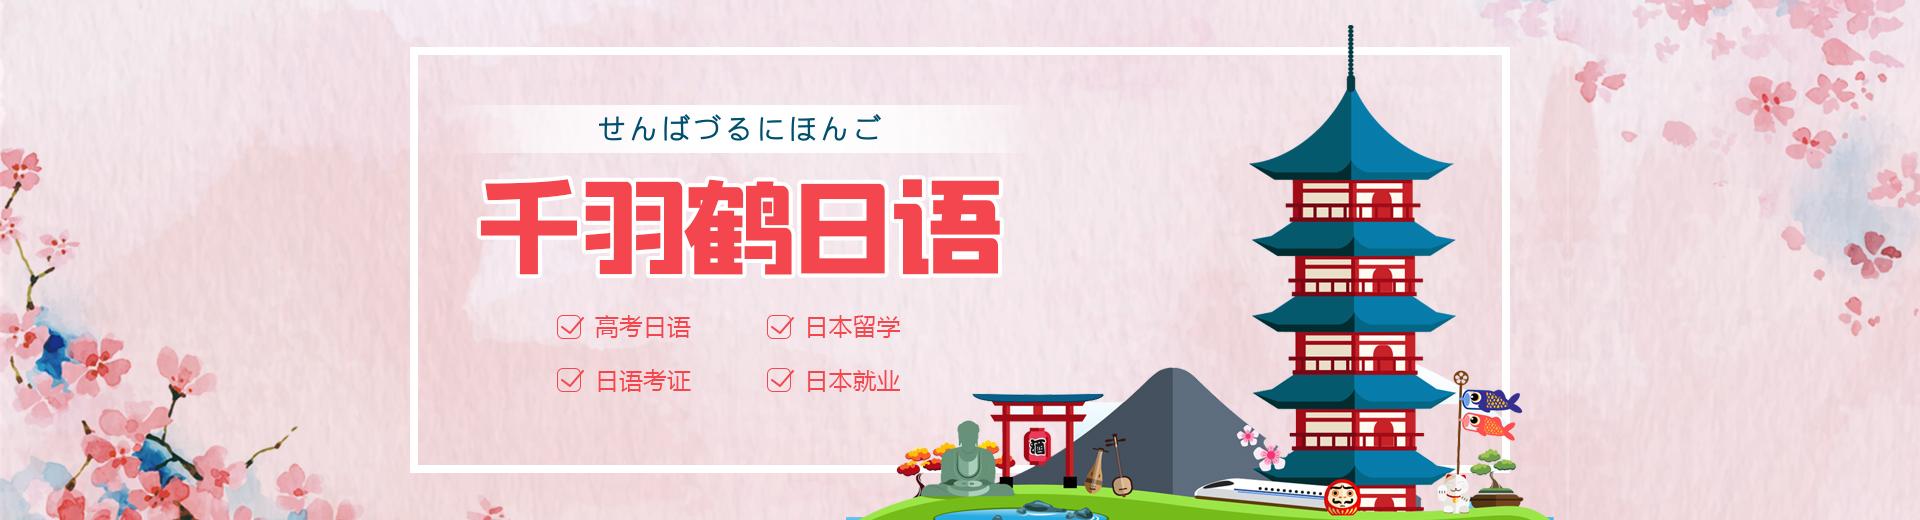 千羽鹤高考日语